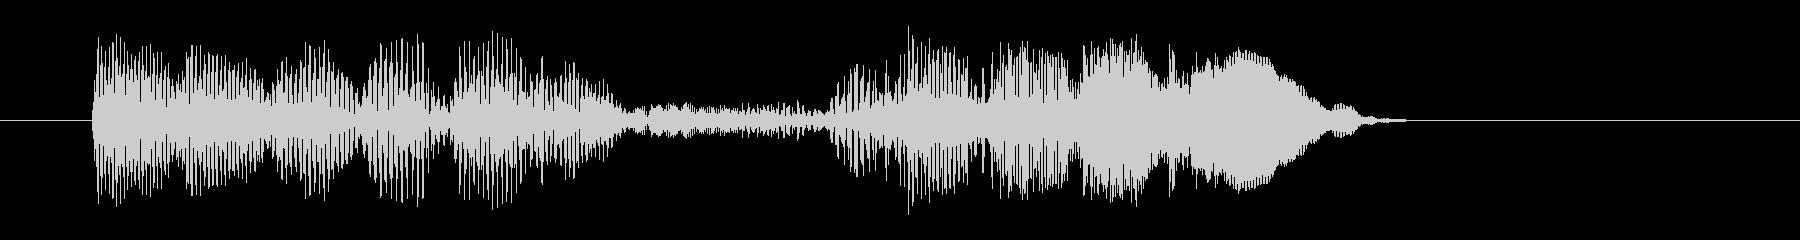 8ビット風システム音-18-4_dryの未再生の波形